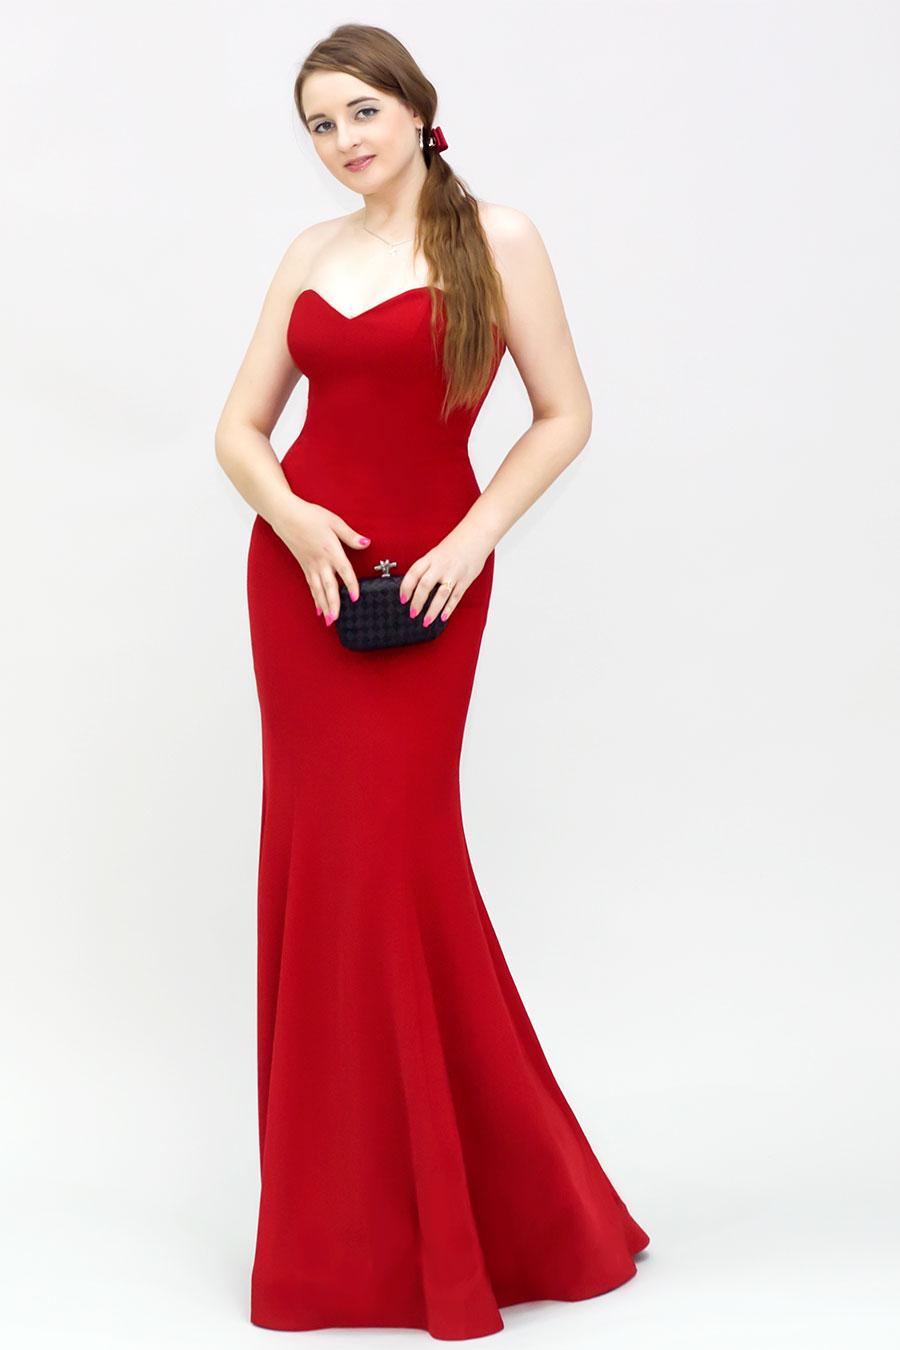 Платье рыбкой красное фото